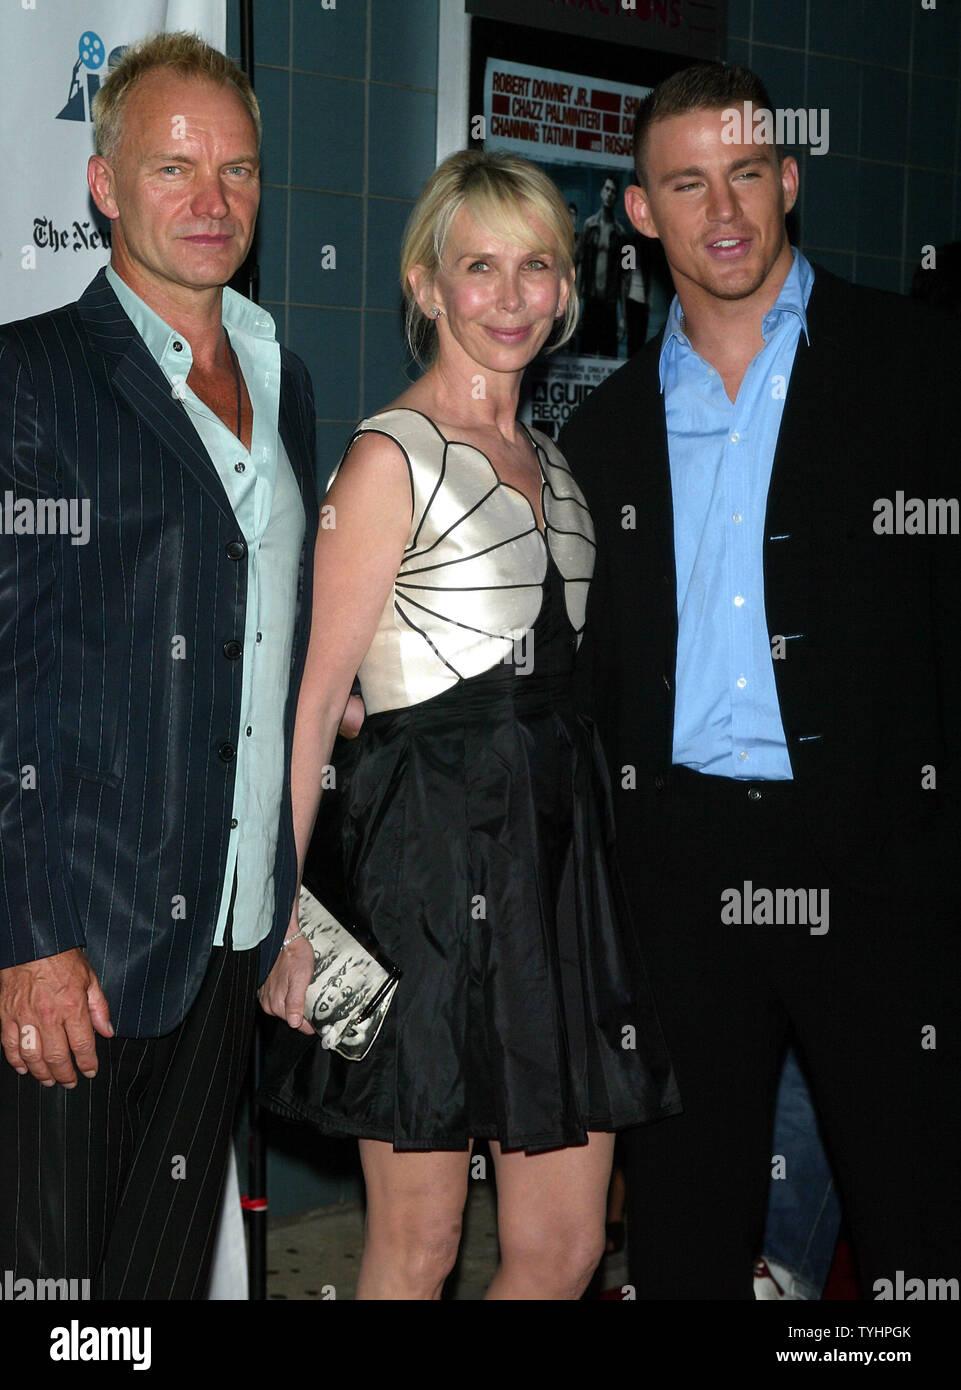 """Sting, Trudie Styler und Channing Tatum (rechts) kommen für die Premiere von """"ein Leitfaden für die Erkennung ihrer Heiligen im Chelsea West Kinos in New York am 18. September 2006. (UPI Foto/Laura Cavanaugh) Stockbild"""